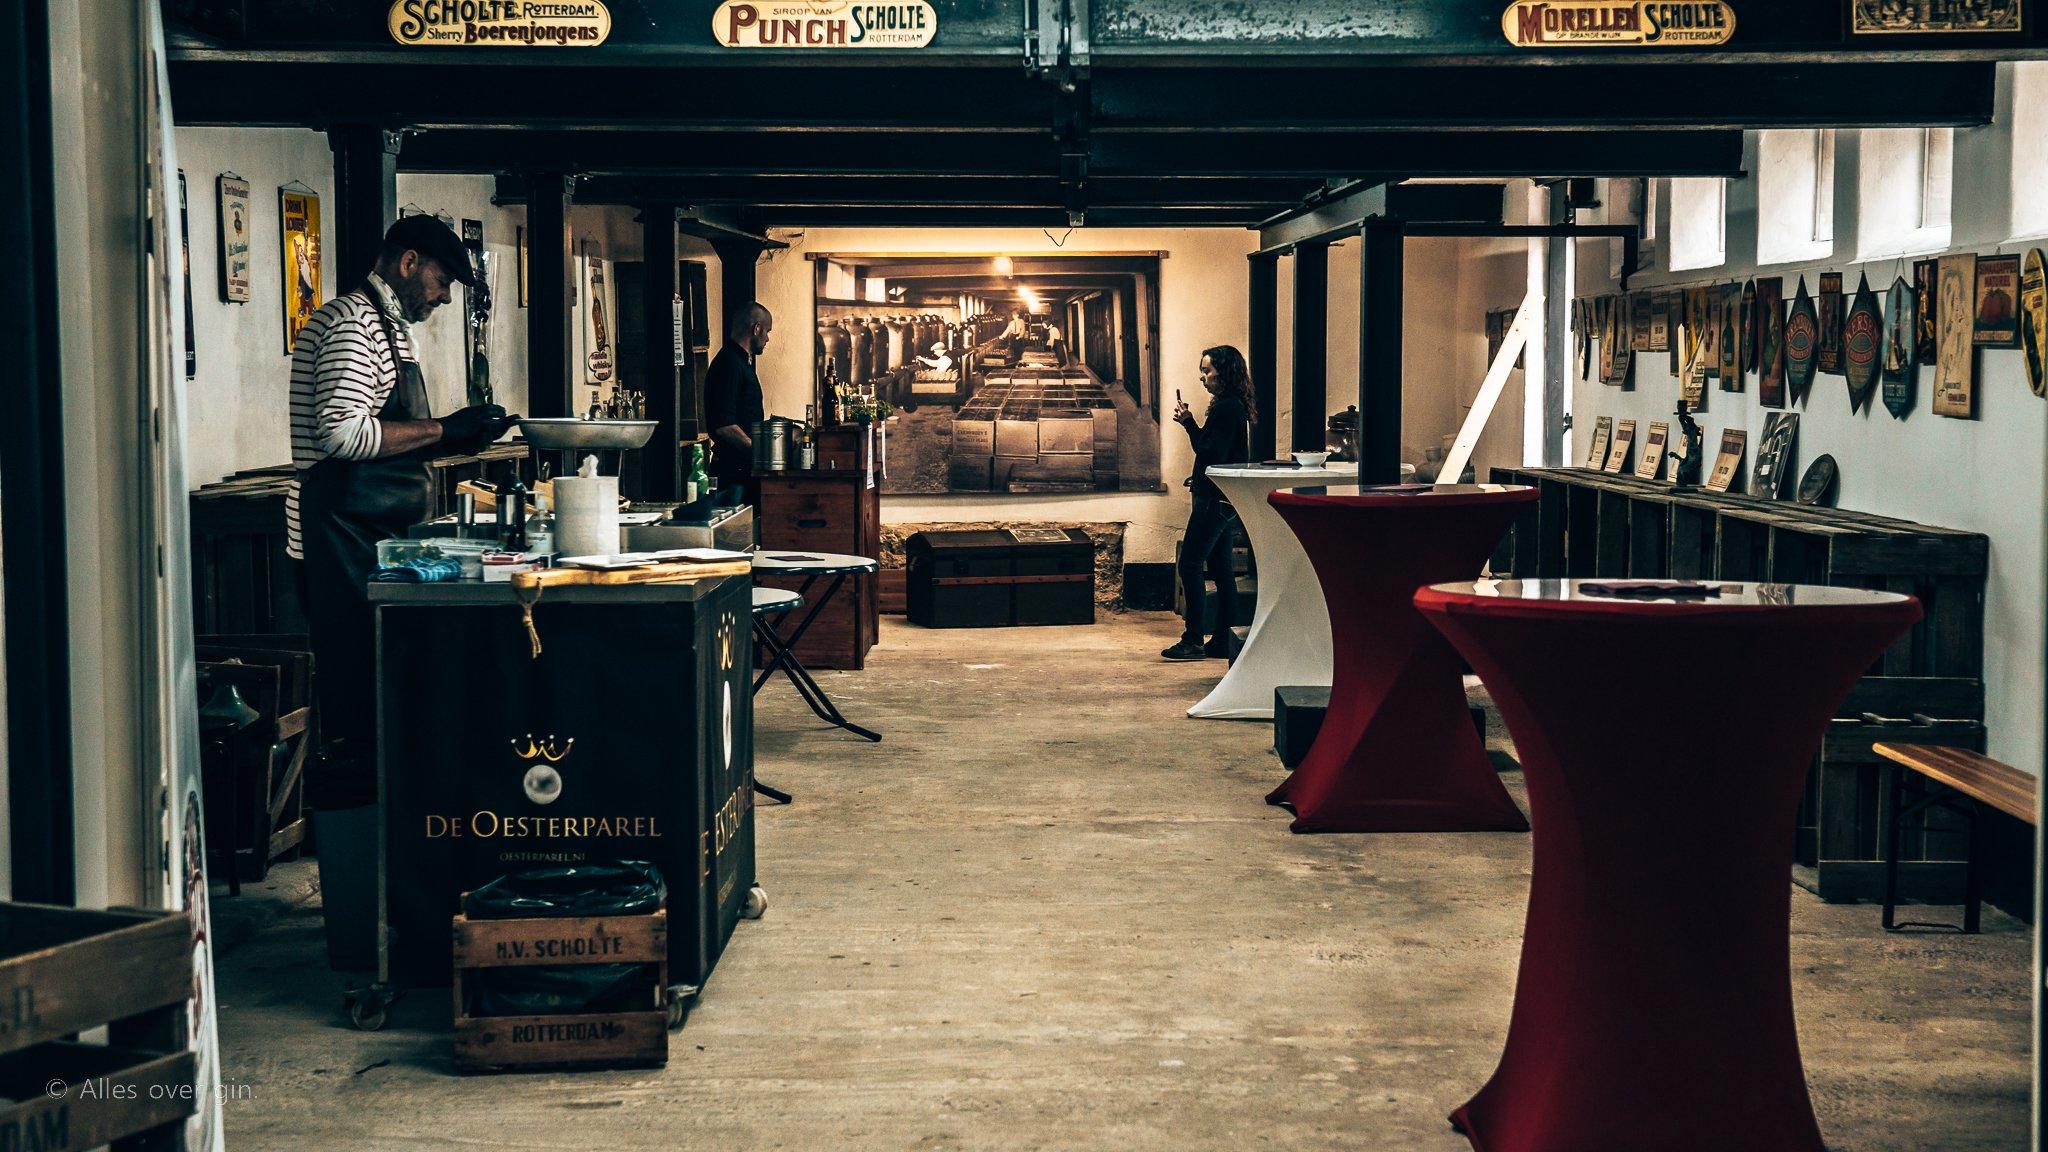 Lageringskelder bij Distilleerderij Van Toor, Alles over gin.